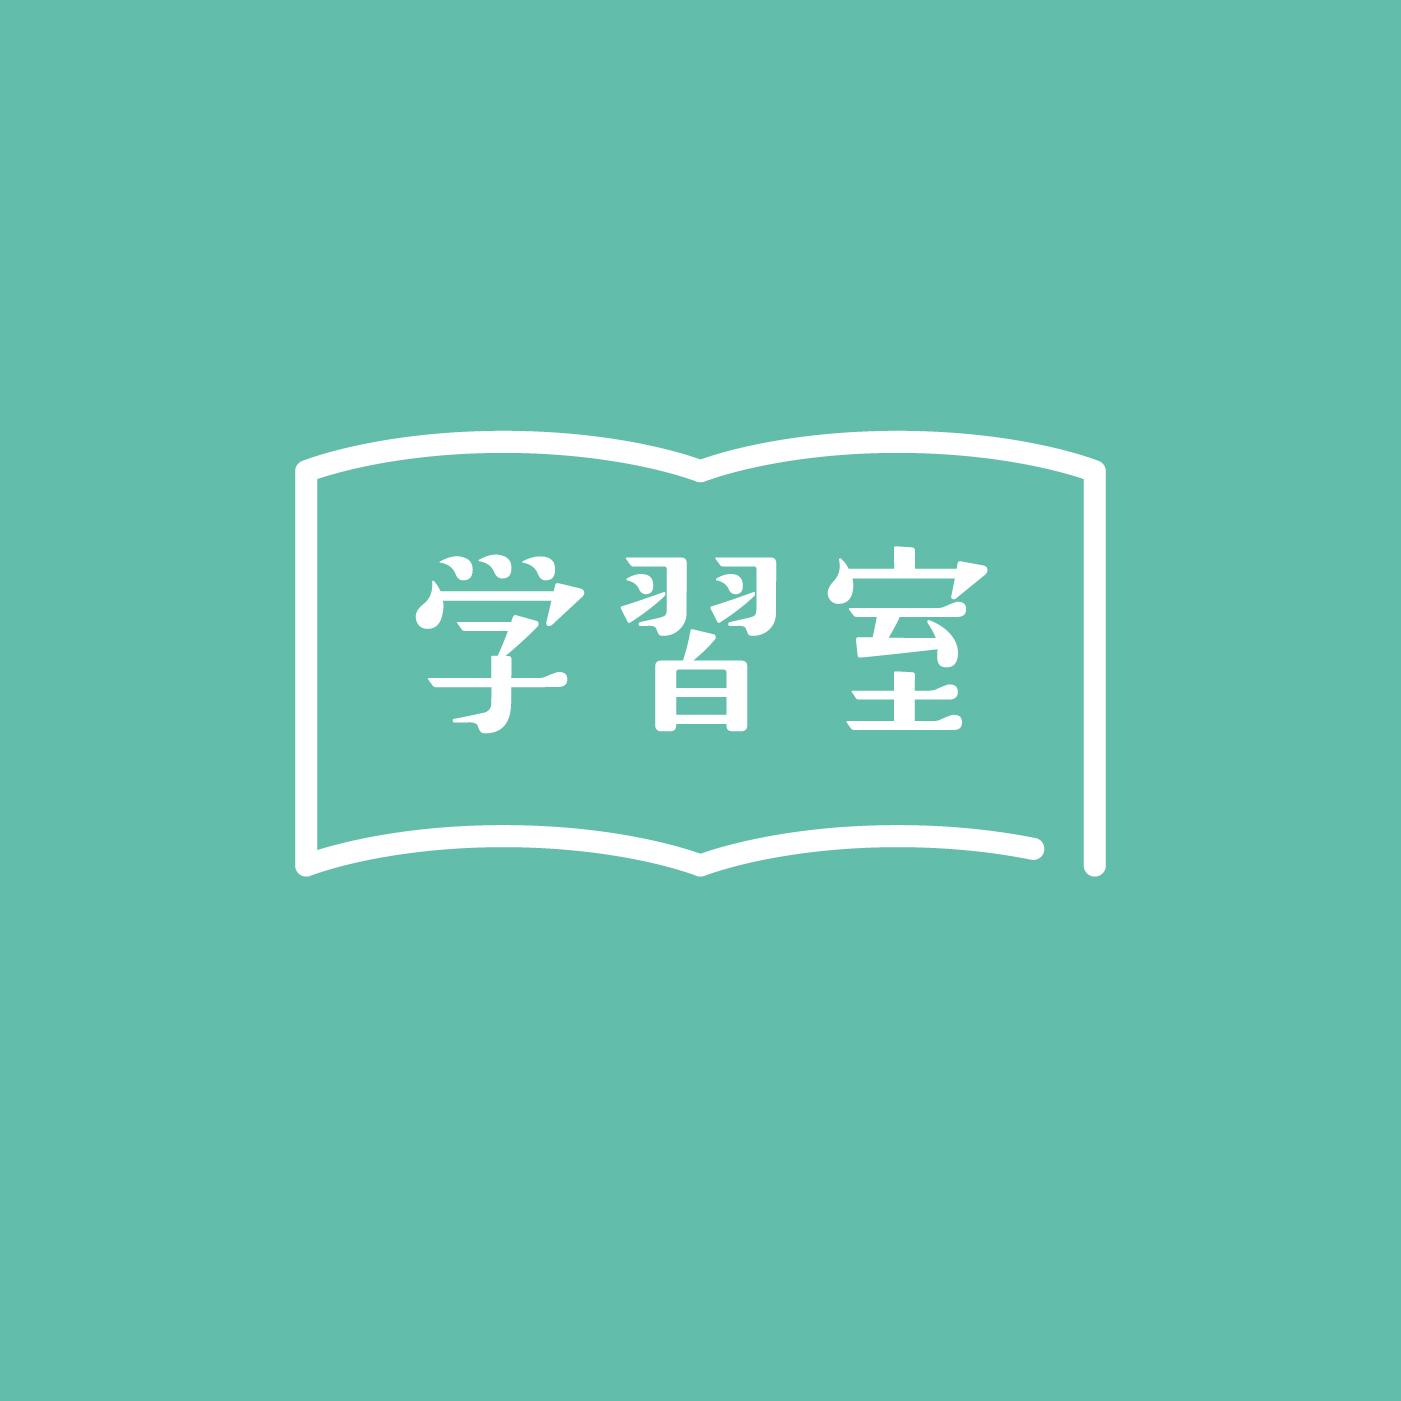 ロゴ:学習室